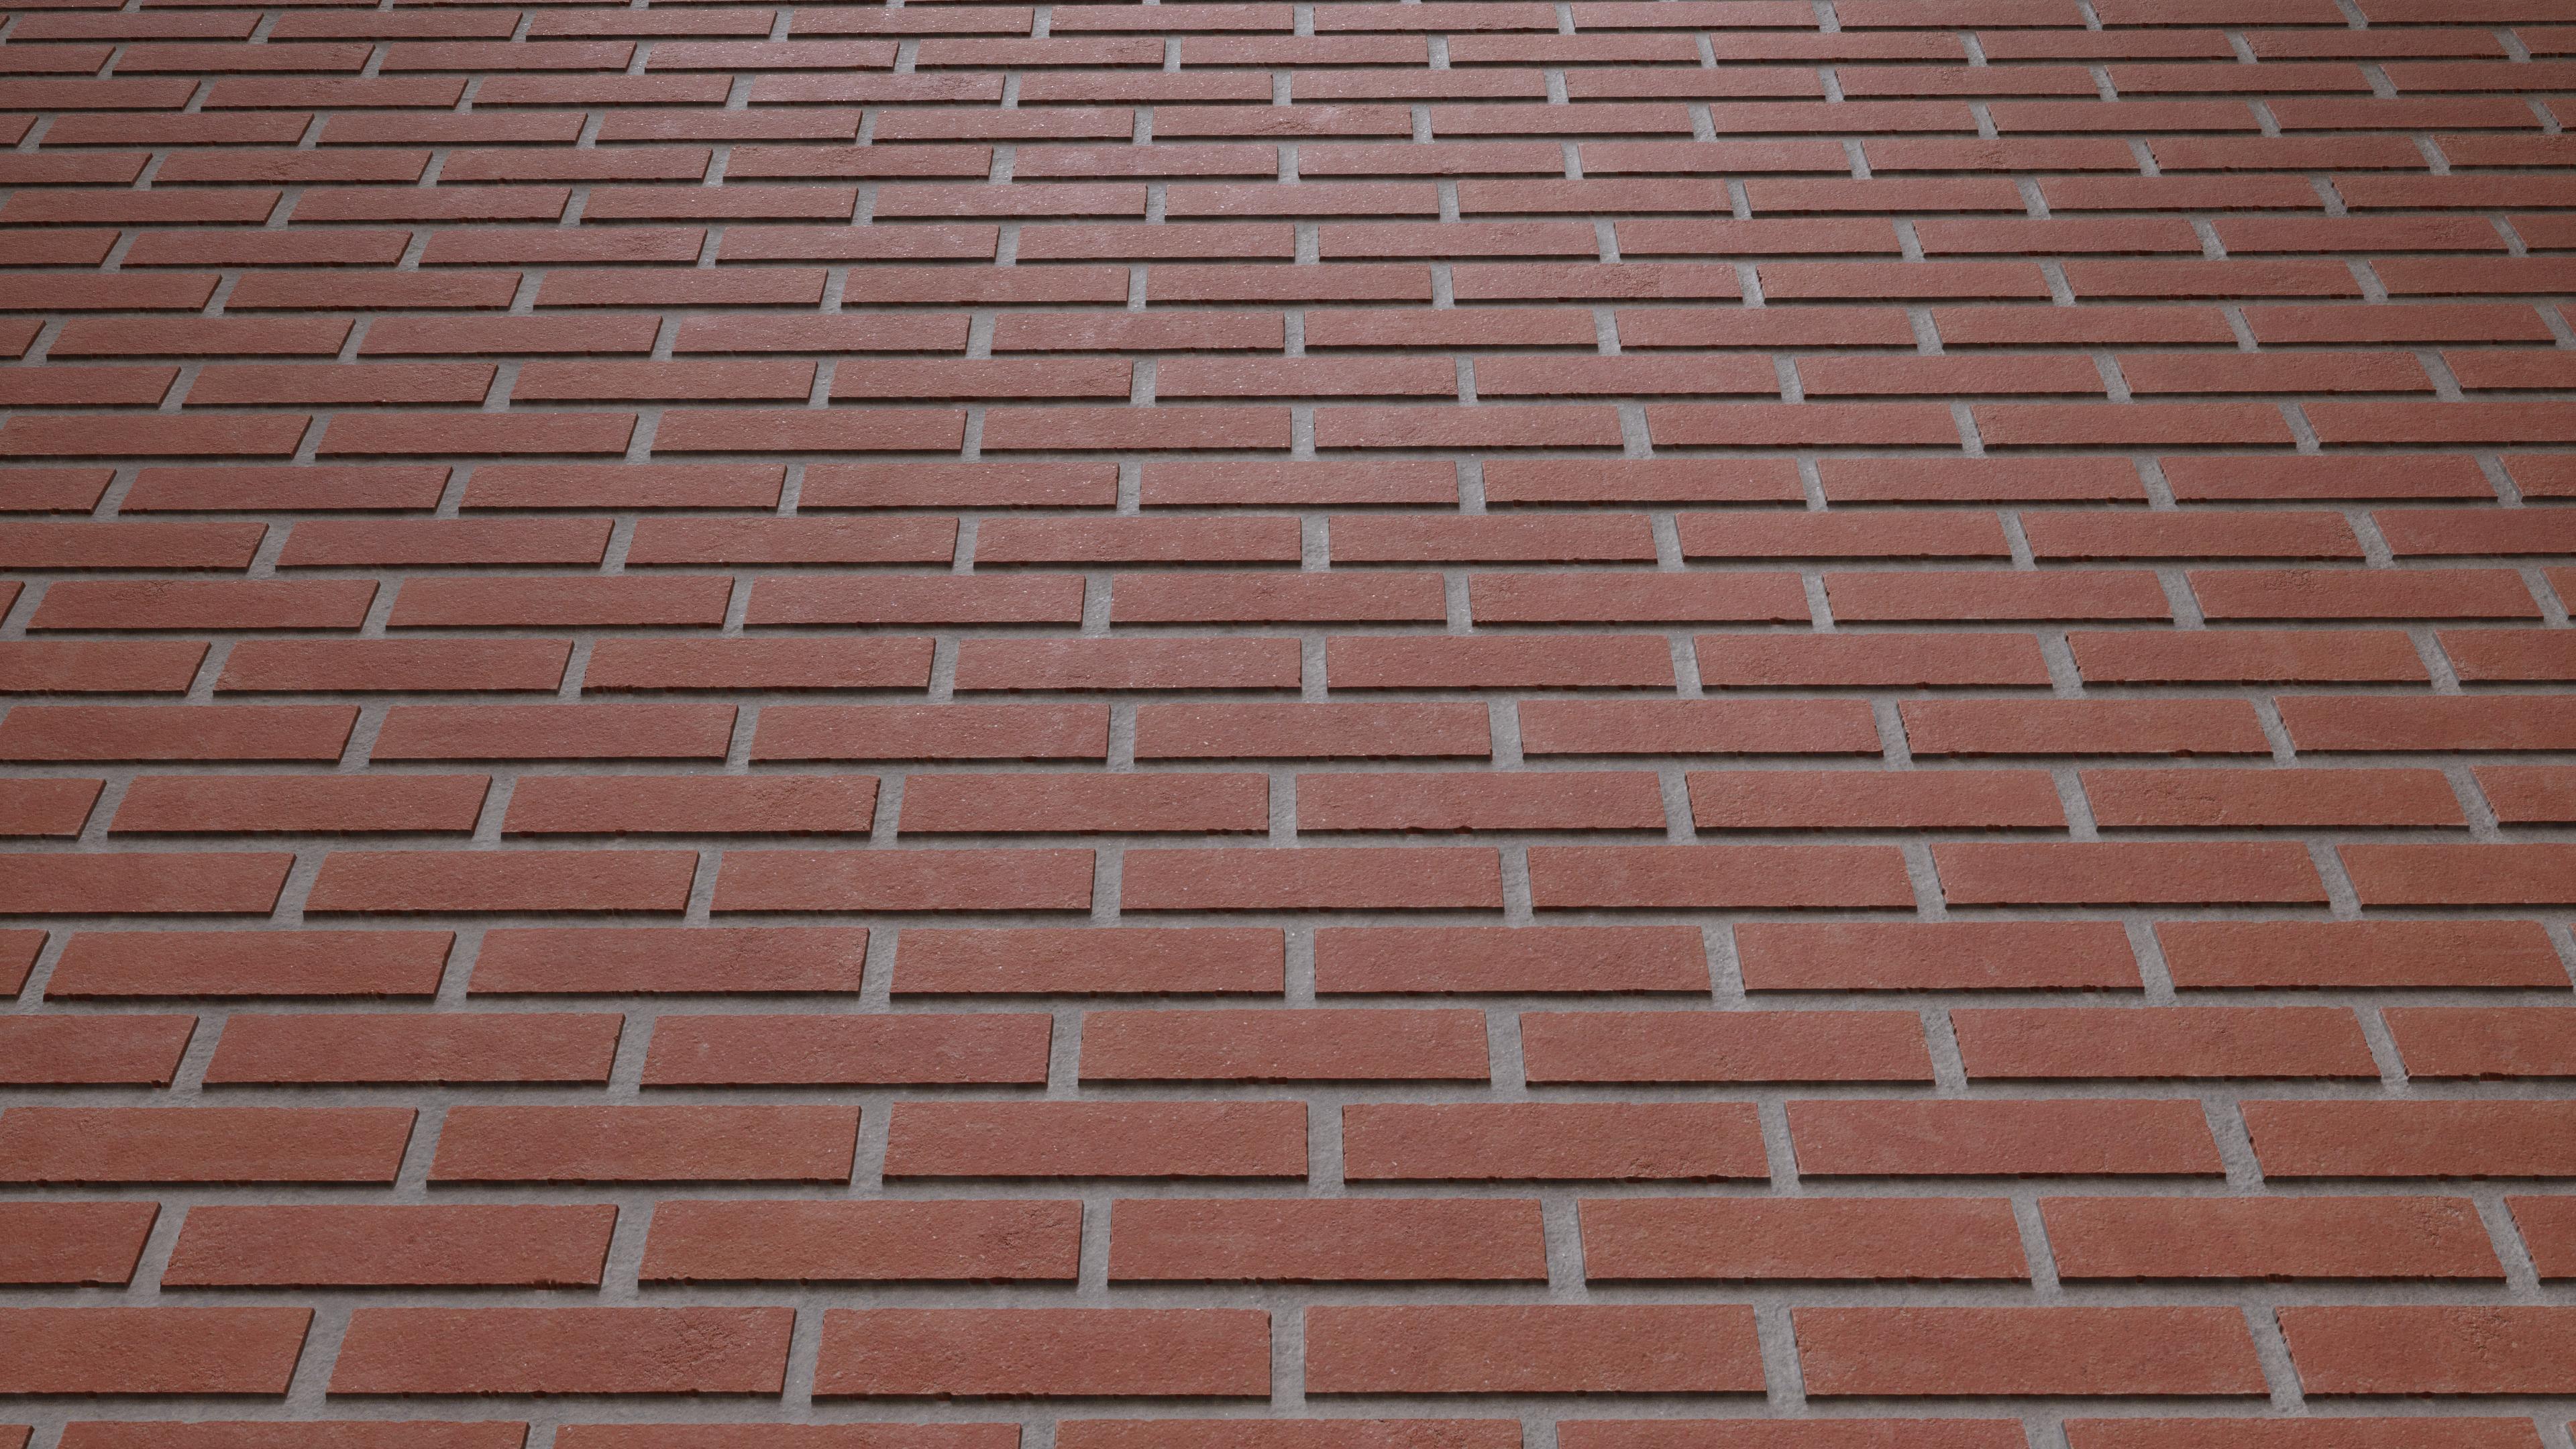 modern brick wall pbr0023 rh textures com modern brick wall fence designs south africa modern brick wall texture